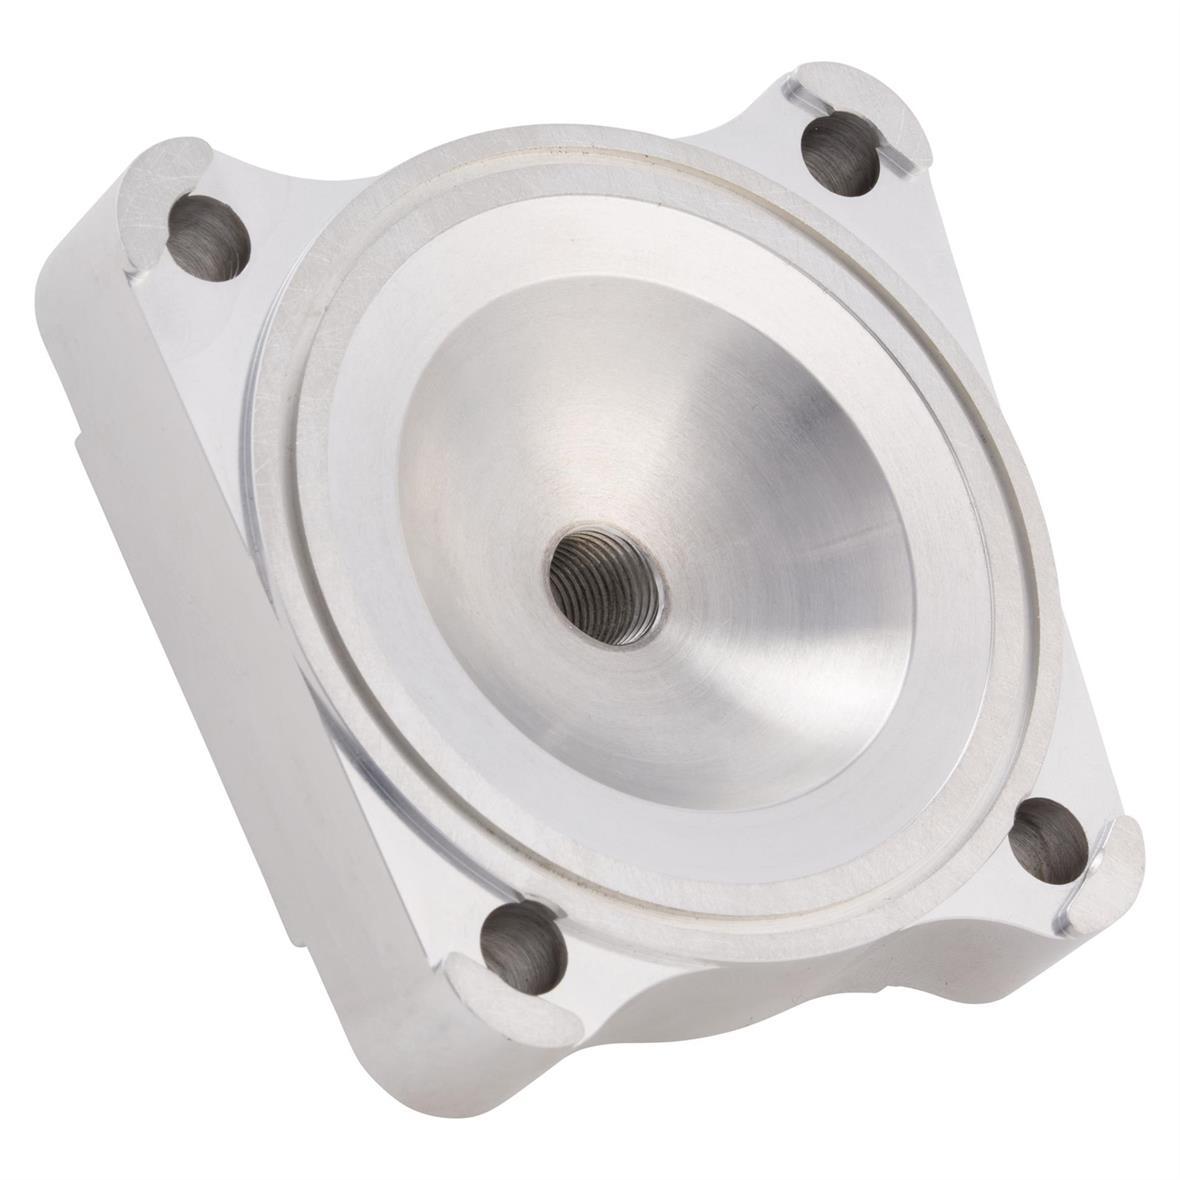 Product Image for 'Cylinder Head KÜBLER Racing Evolution 2Title'